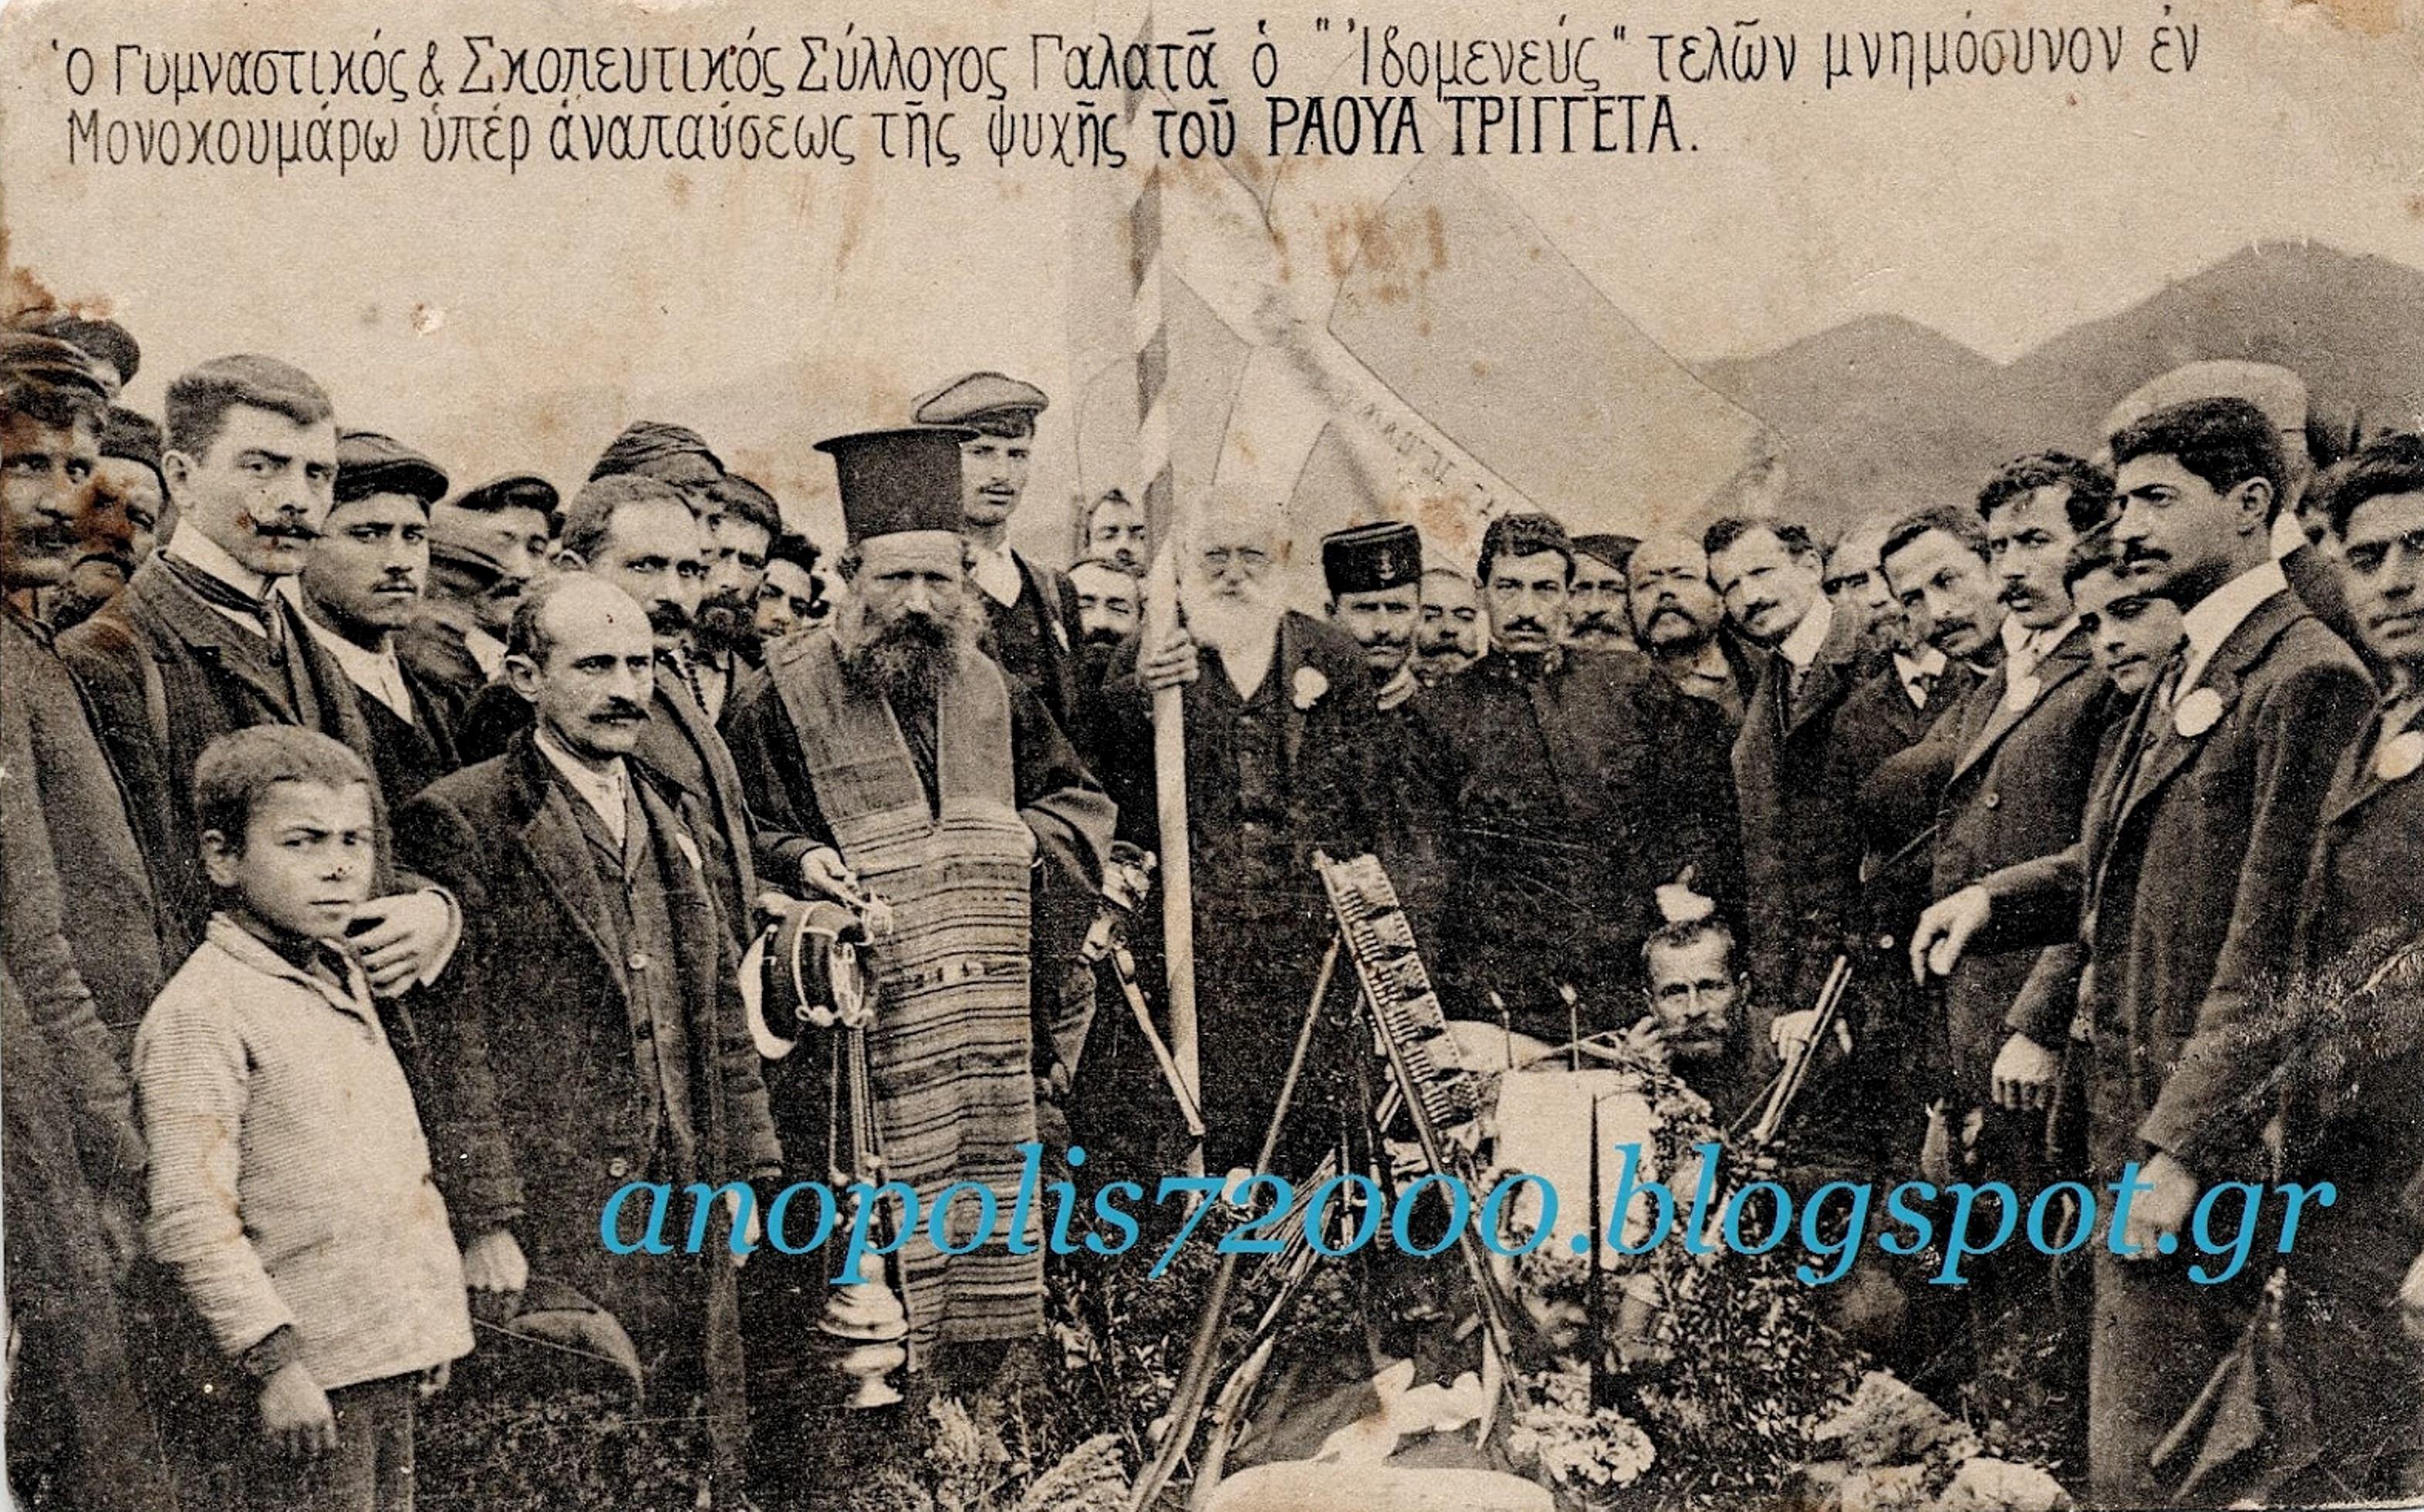 Πιθανός φωτογράφος Π.Διαμαντόπουλος